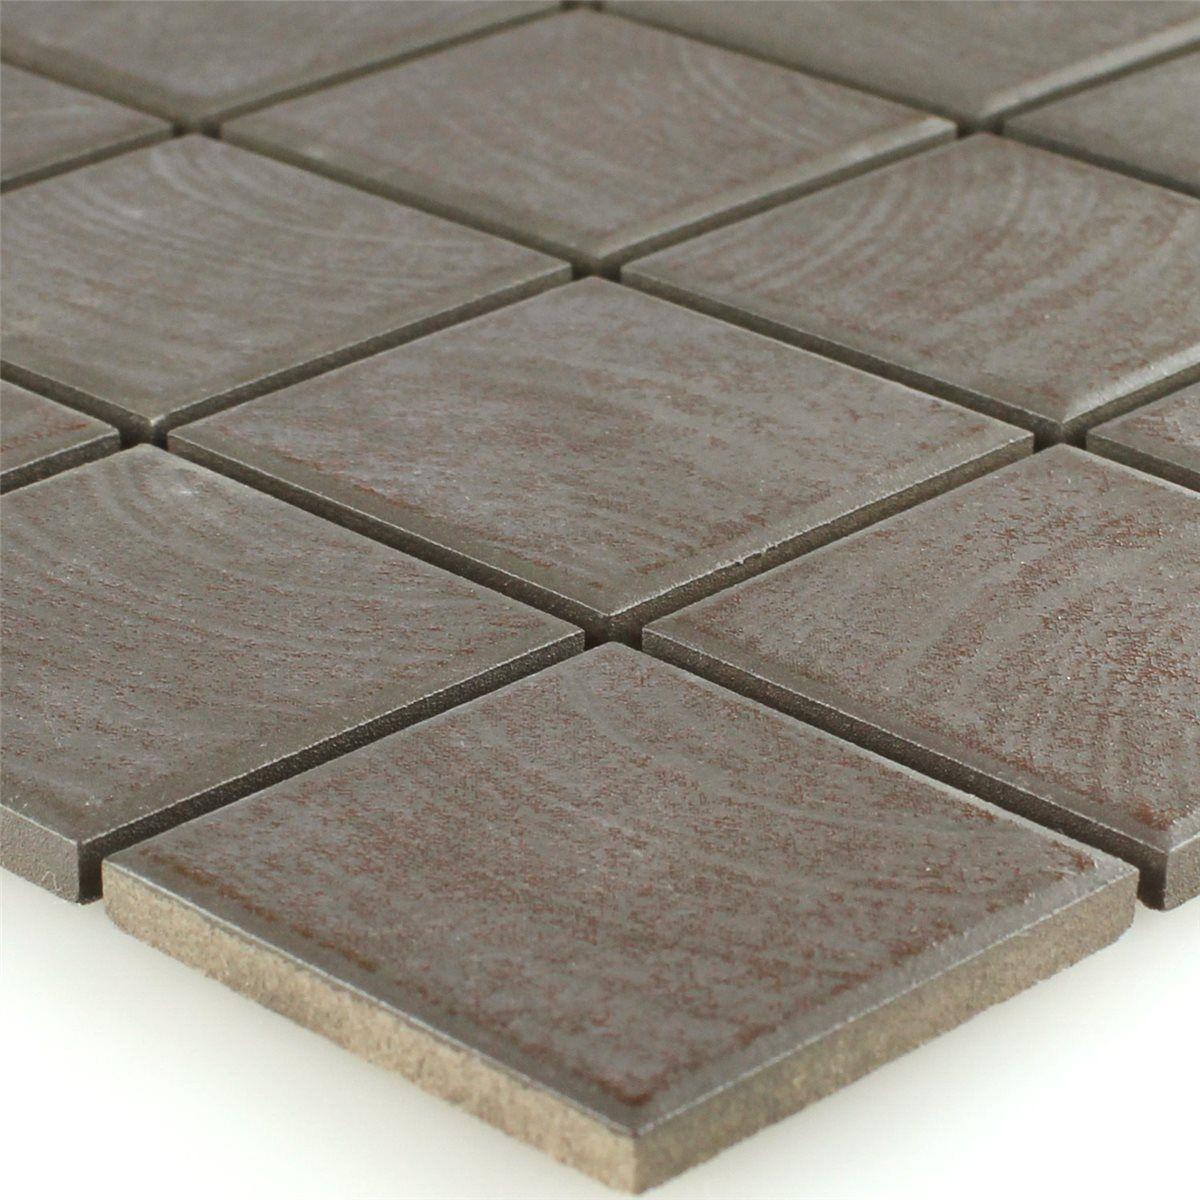 Non skid ceramic floor tile httpnextsoft21 pinterest non skid ceramic floor tile dailygadgetfo Images